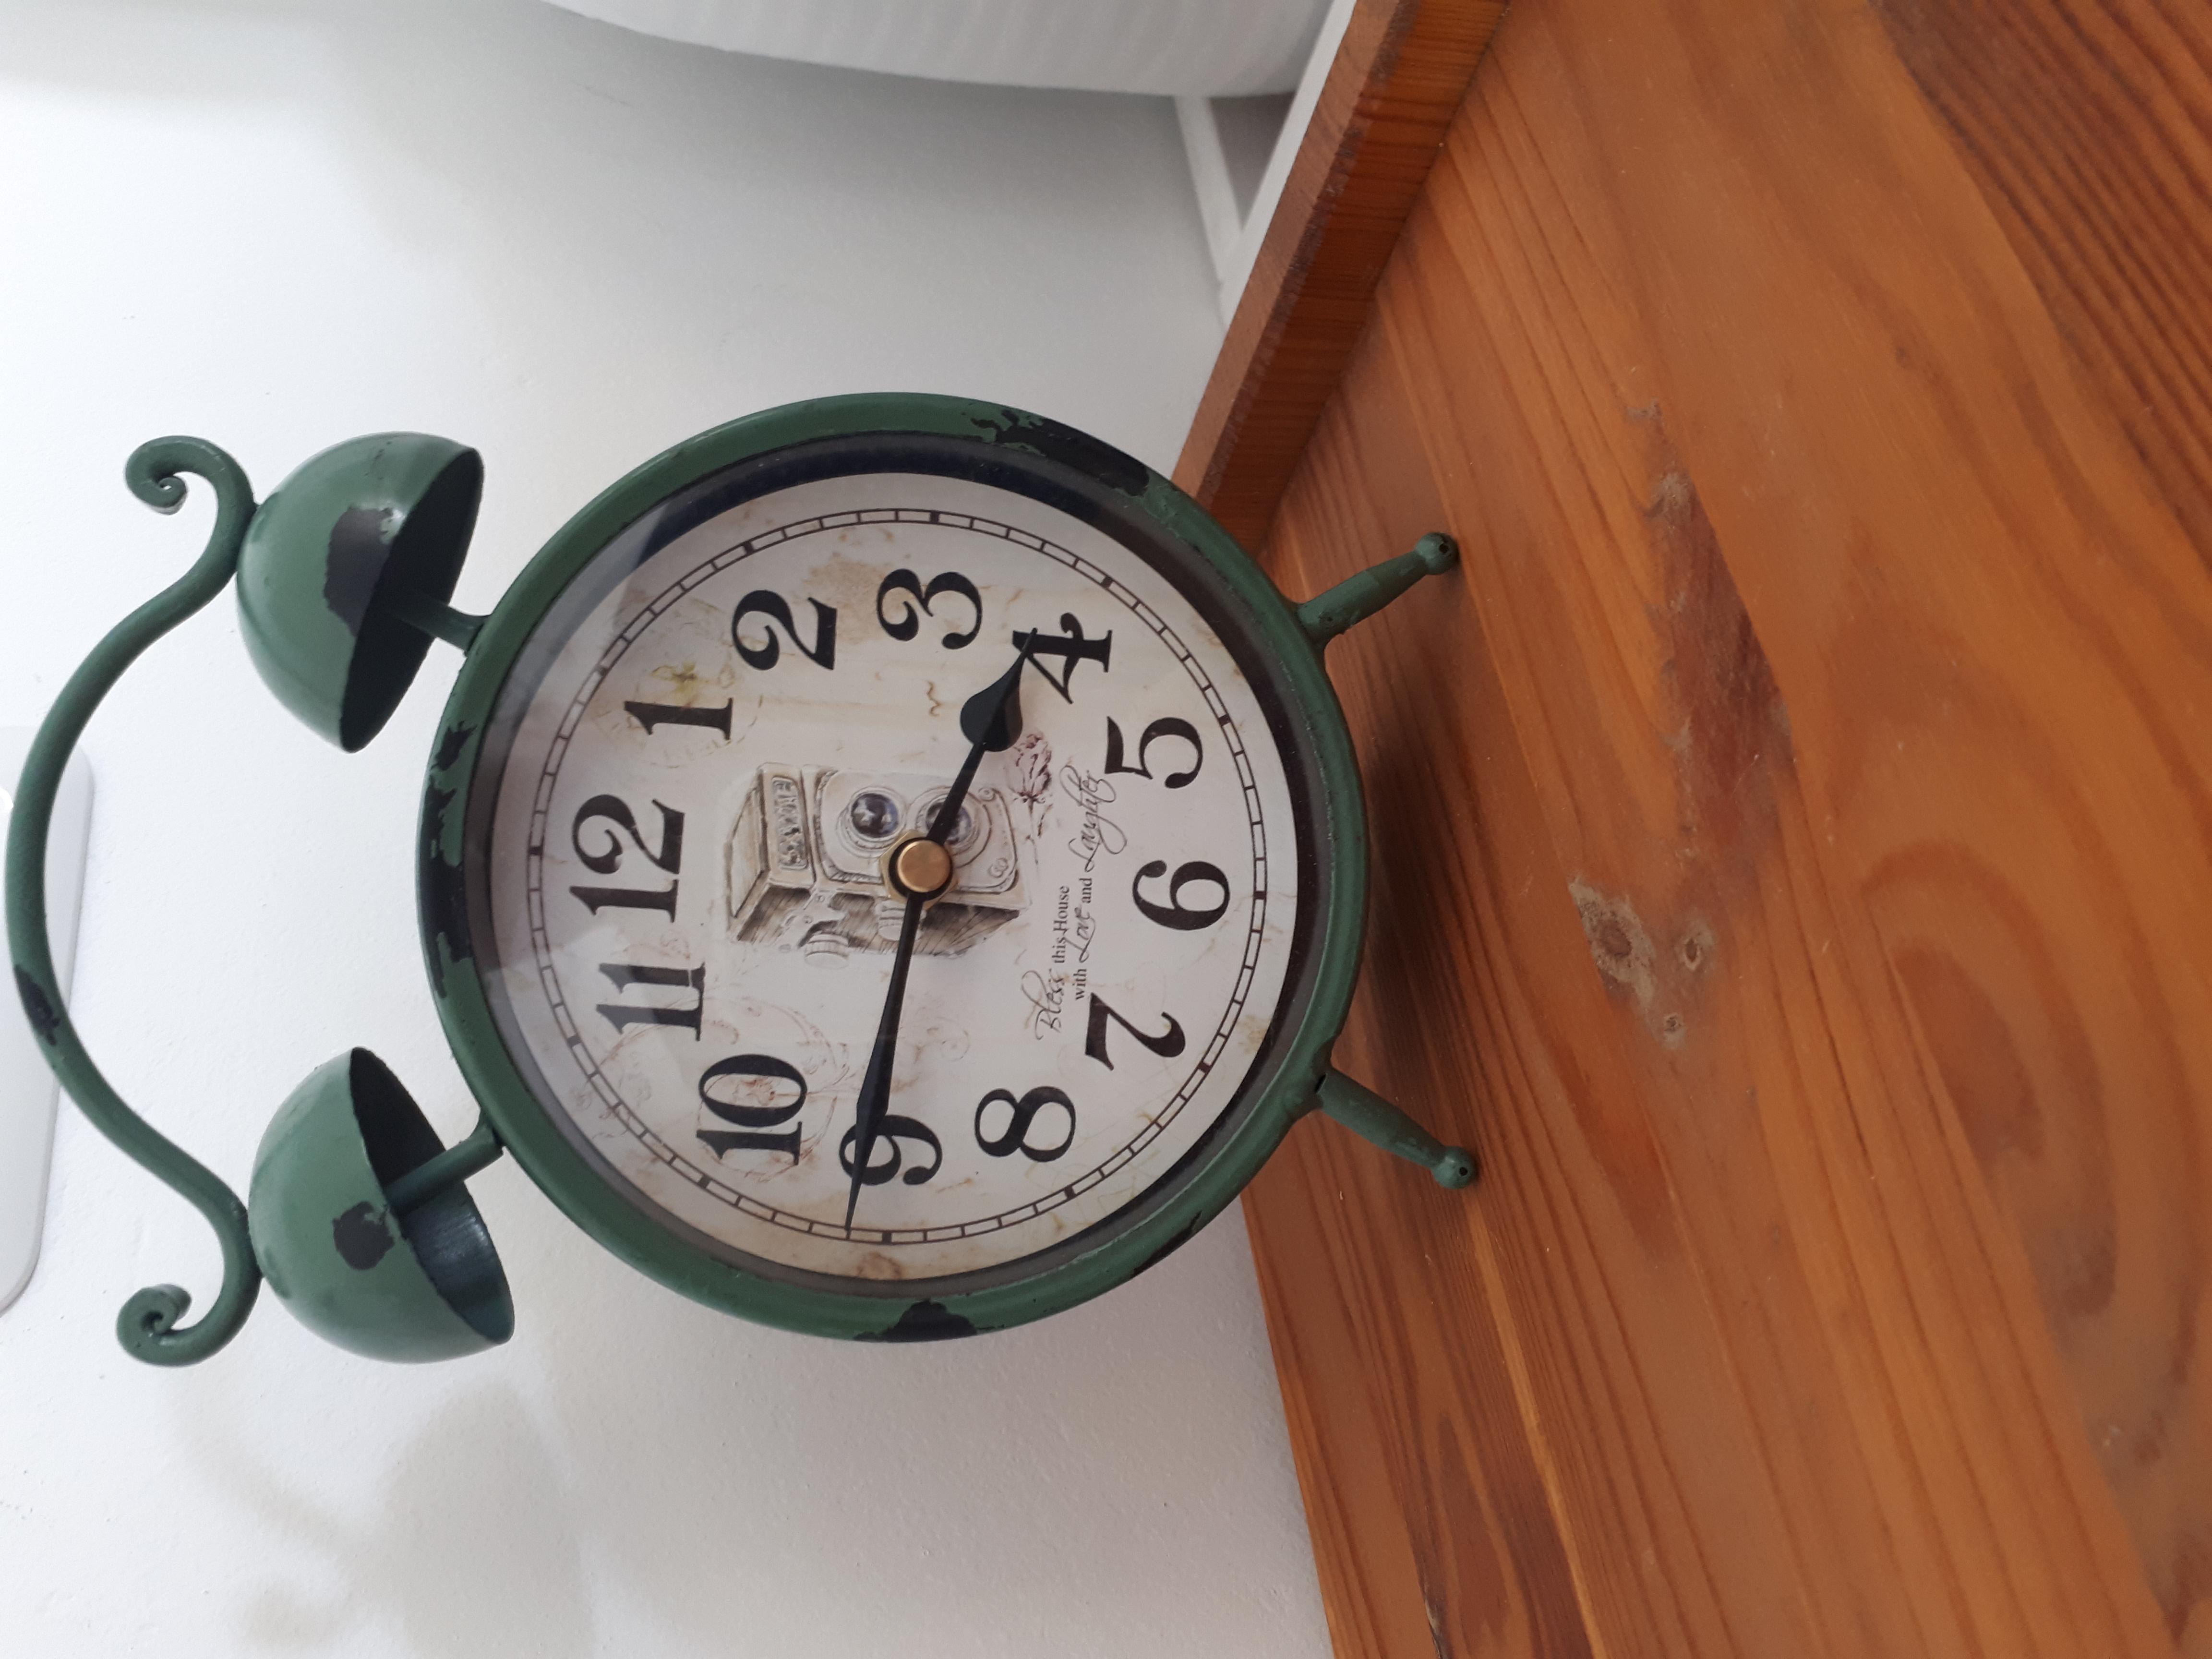 נוף בראשית - שעון וינטג'